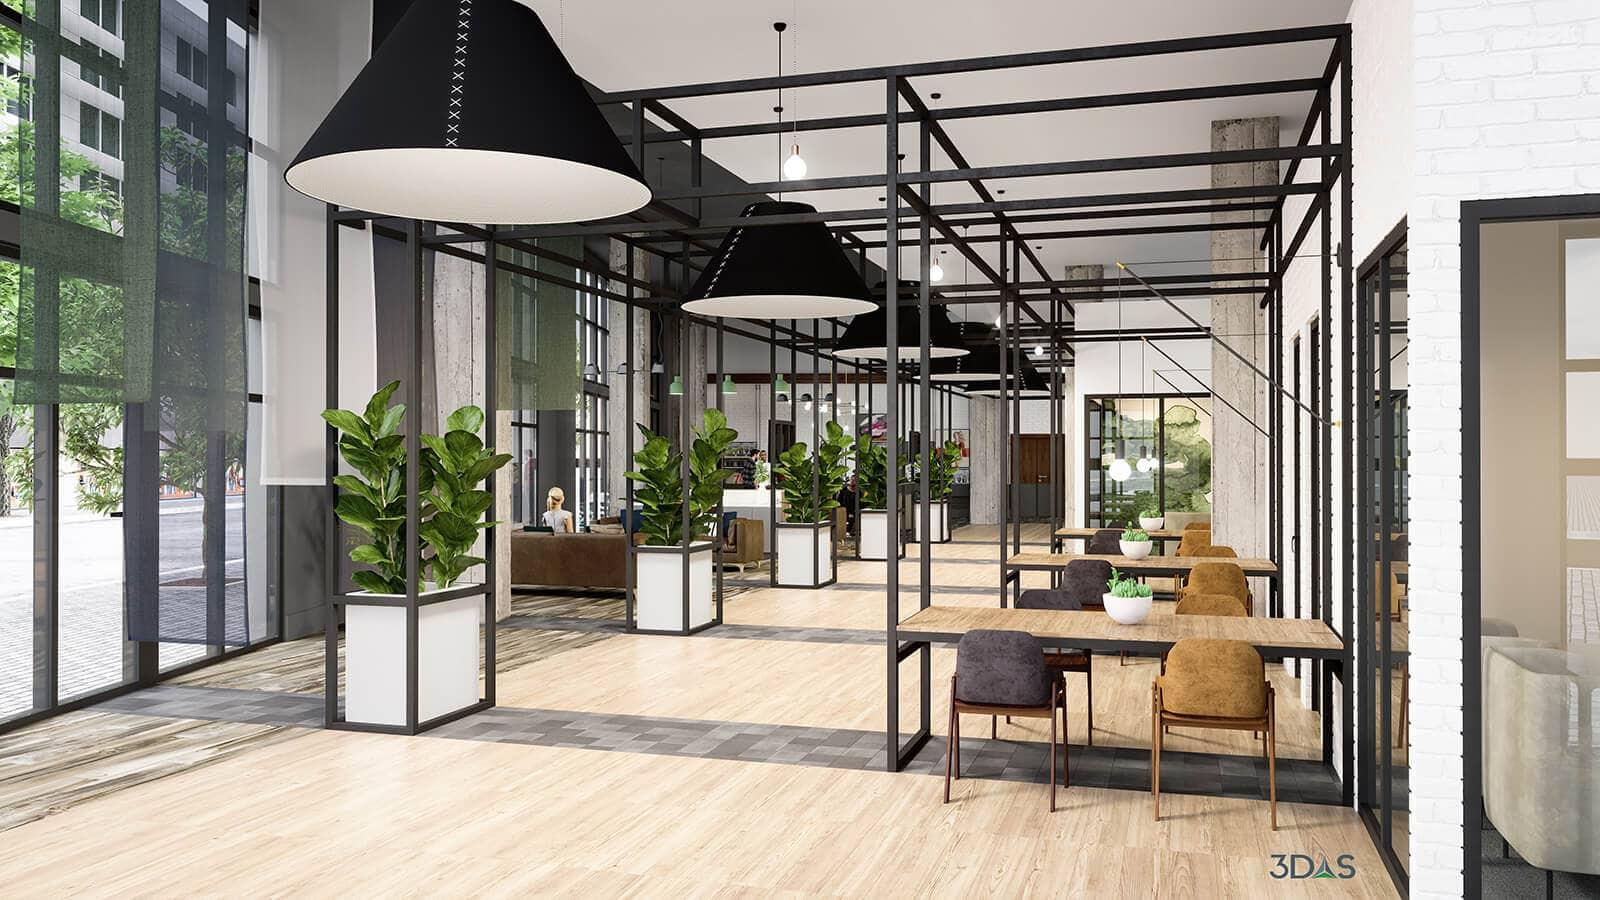 Lobby 3D Rendering for Elan Madison Yards in Atlanta, Georgia. 3D Rendering by 3DAS